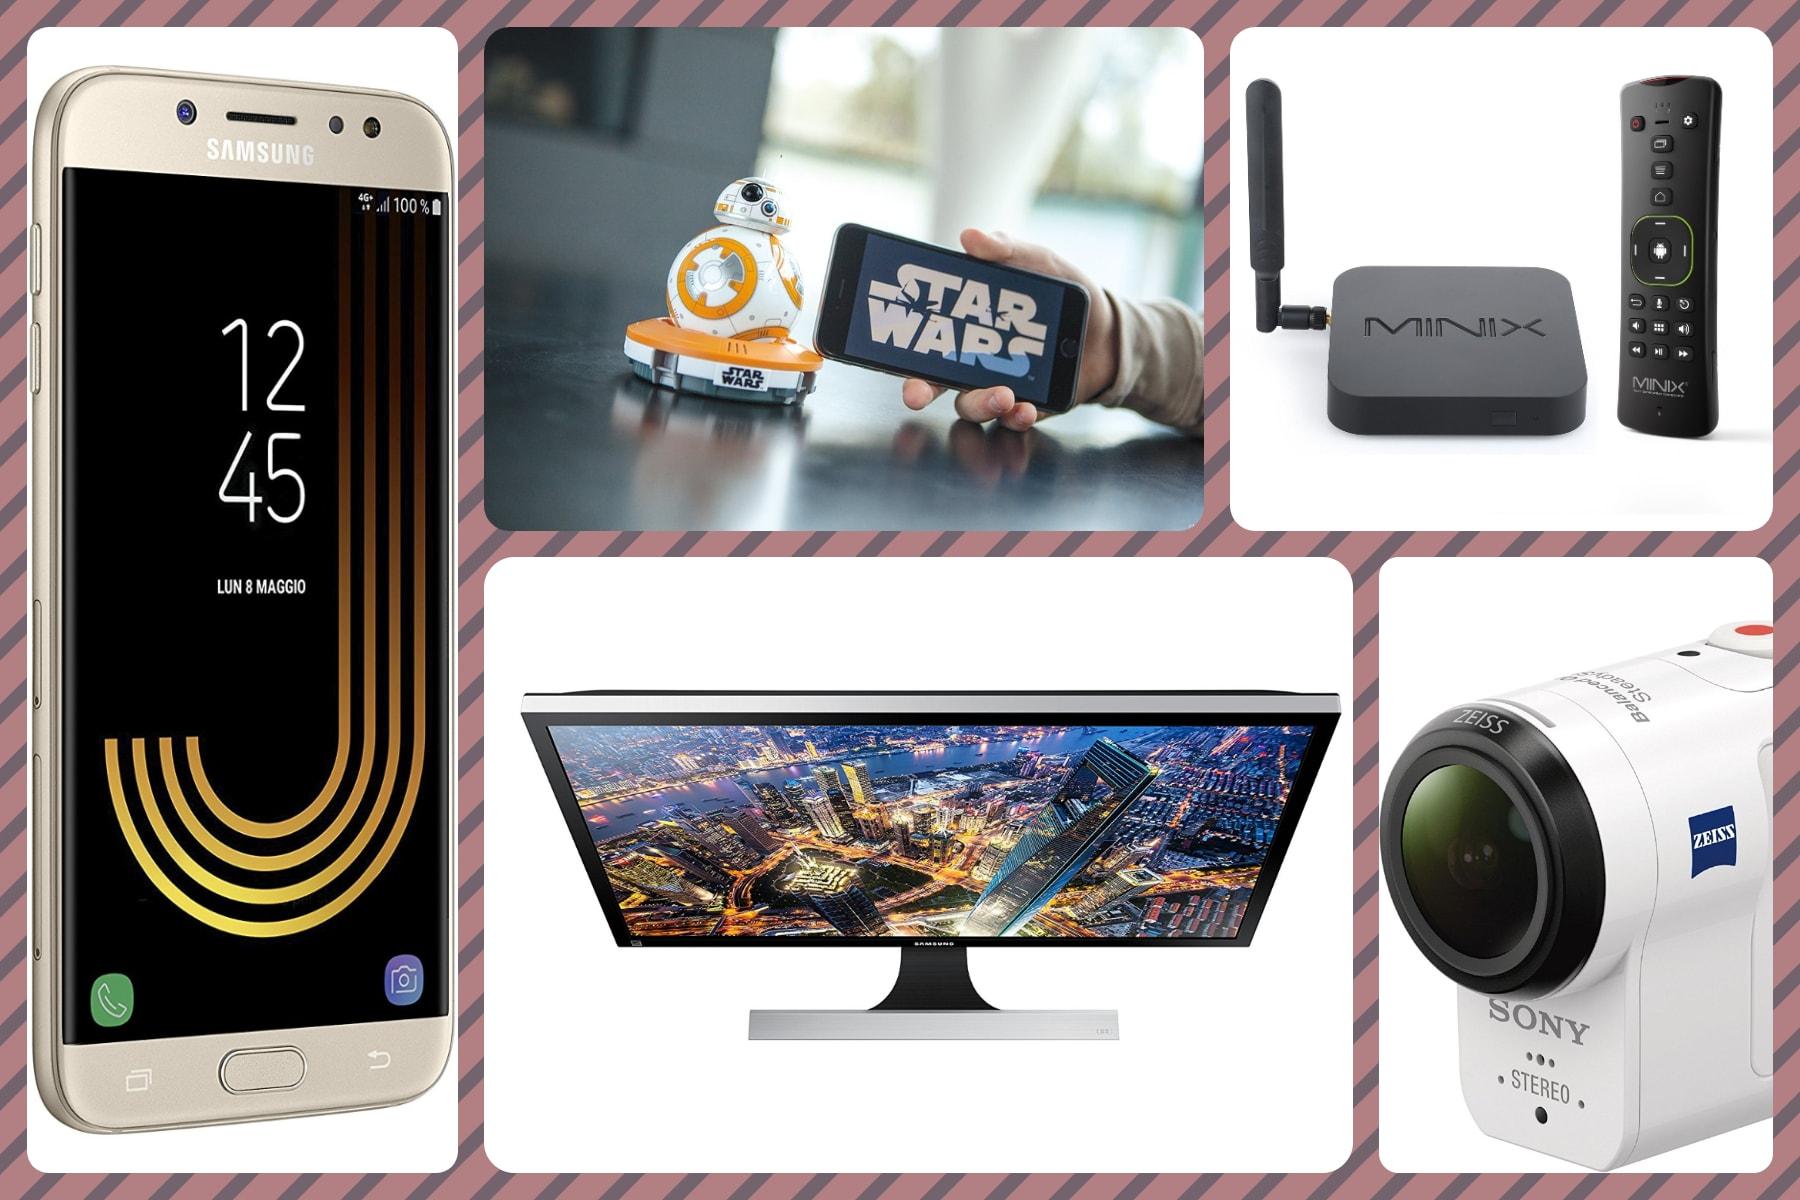 Huawei Mate 10 Pro a meno di 680€, mouse gaming, cinafonini e cuffie in offerta su Amazon! - image Migliori-offerte-Amazon-15-gennaio-2018 on http://www.zxbyte.com